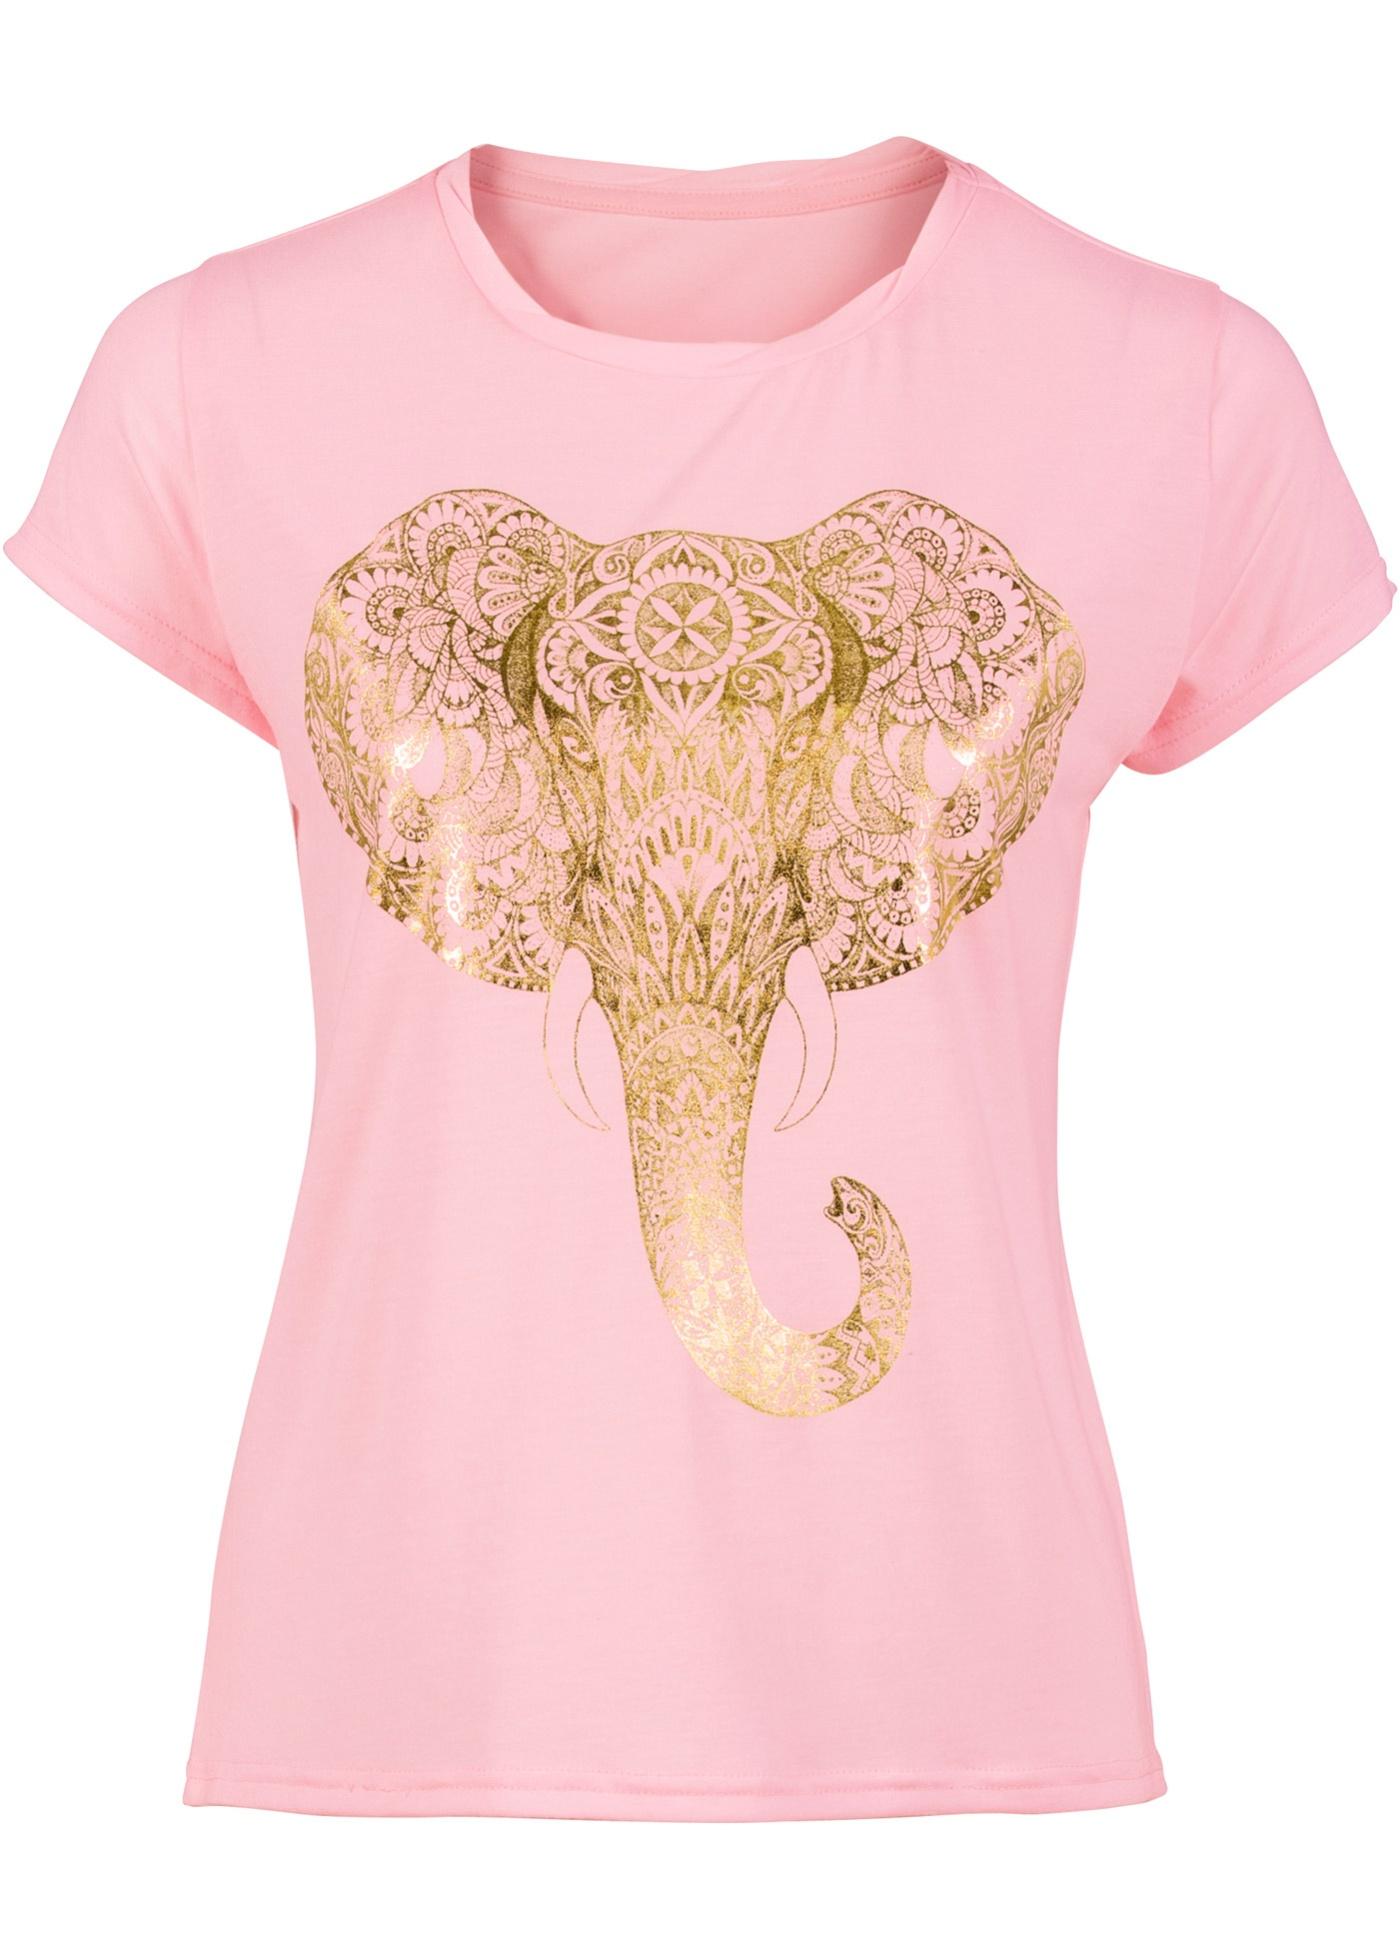 Camiseta manga curta estampada rosa